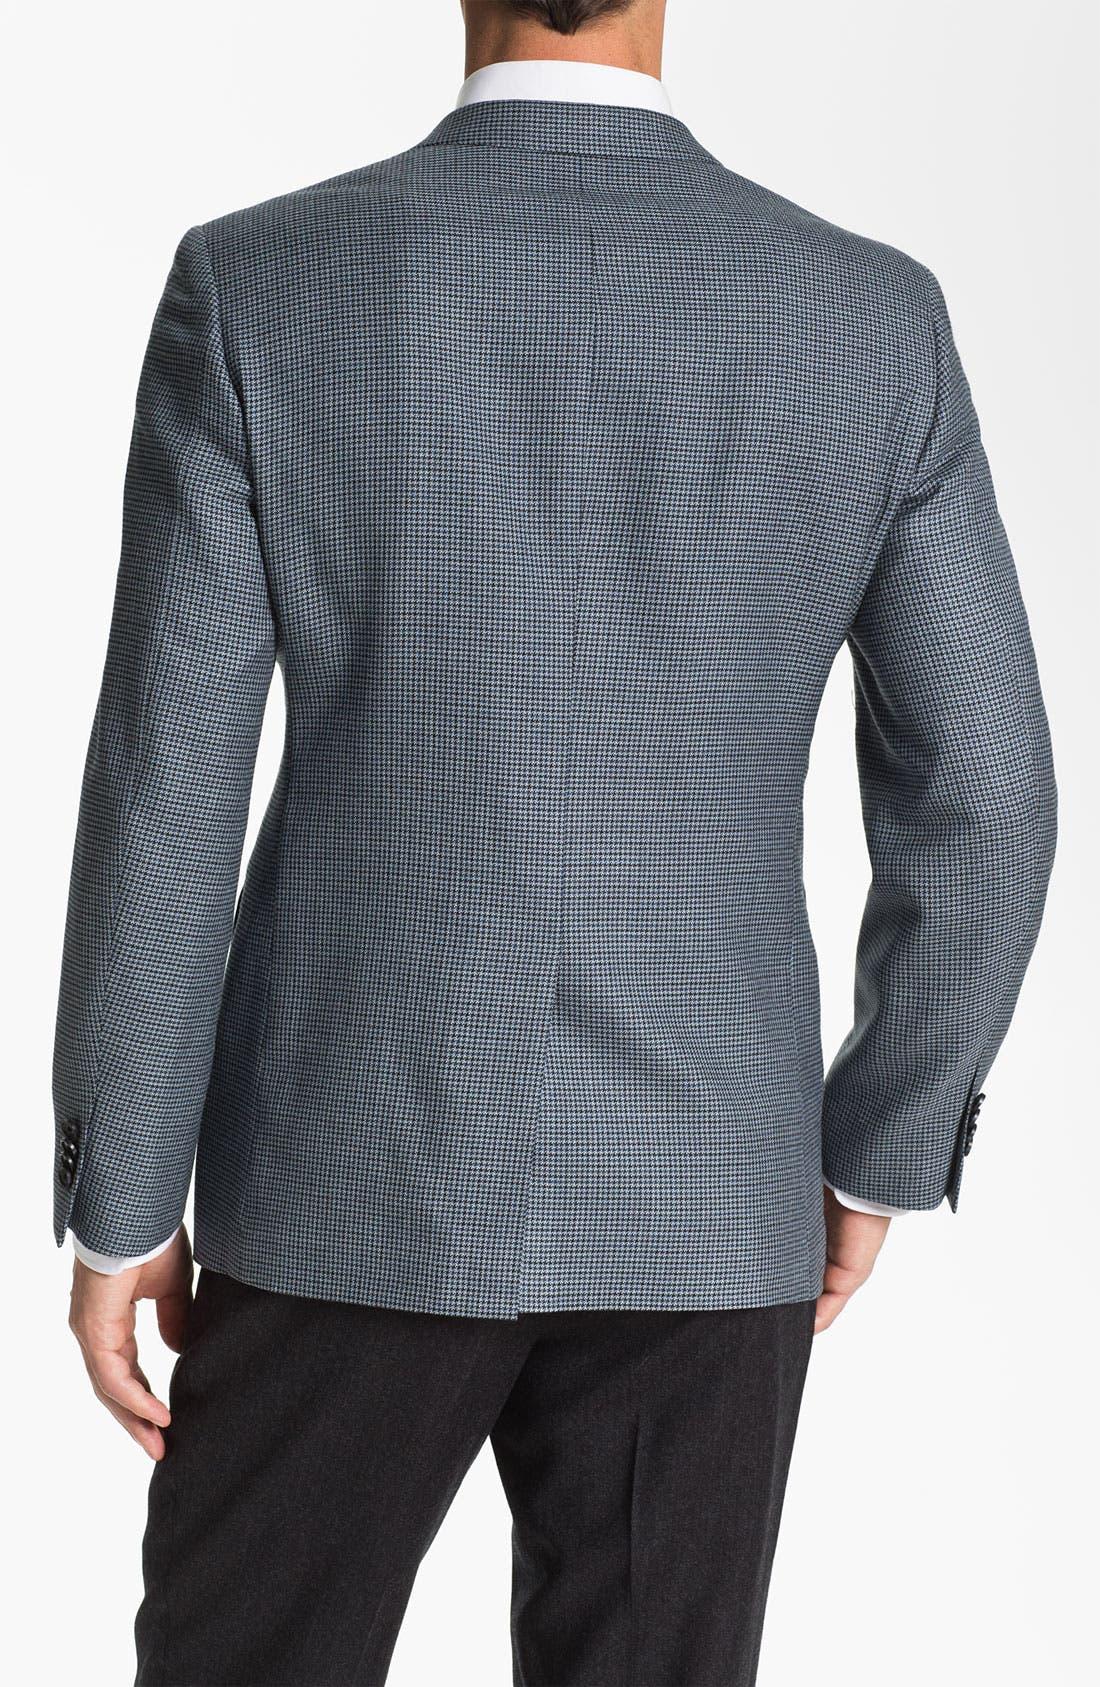 Alternate Image 2  - John W. Nordstrom® Check Sportcoat